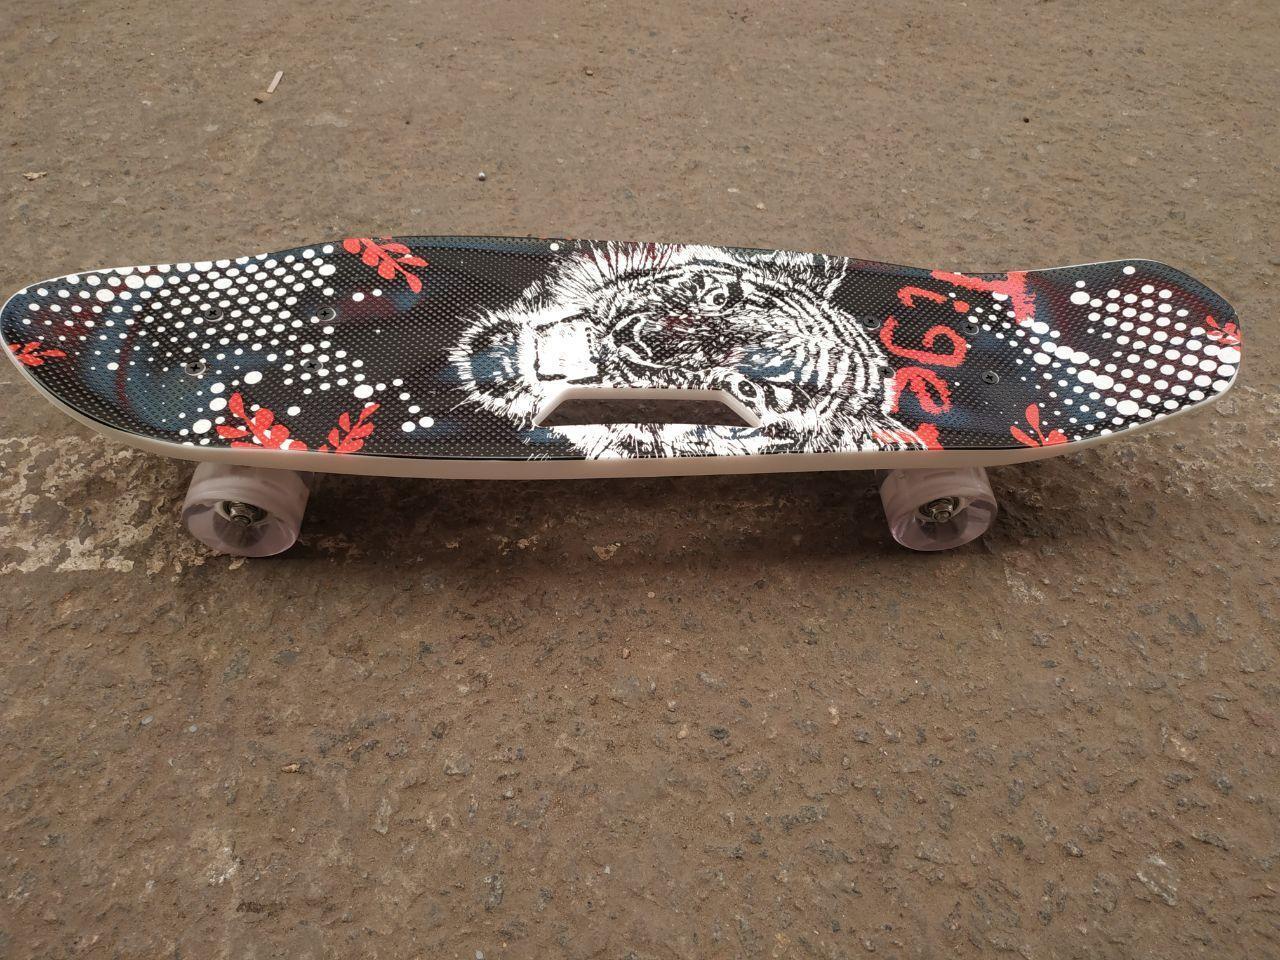 Скейт Пенни борд Best Board, СВЕТ, доска=55см, колёса PU d=6см